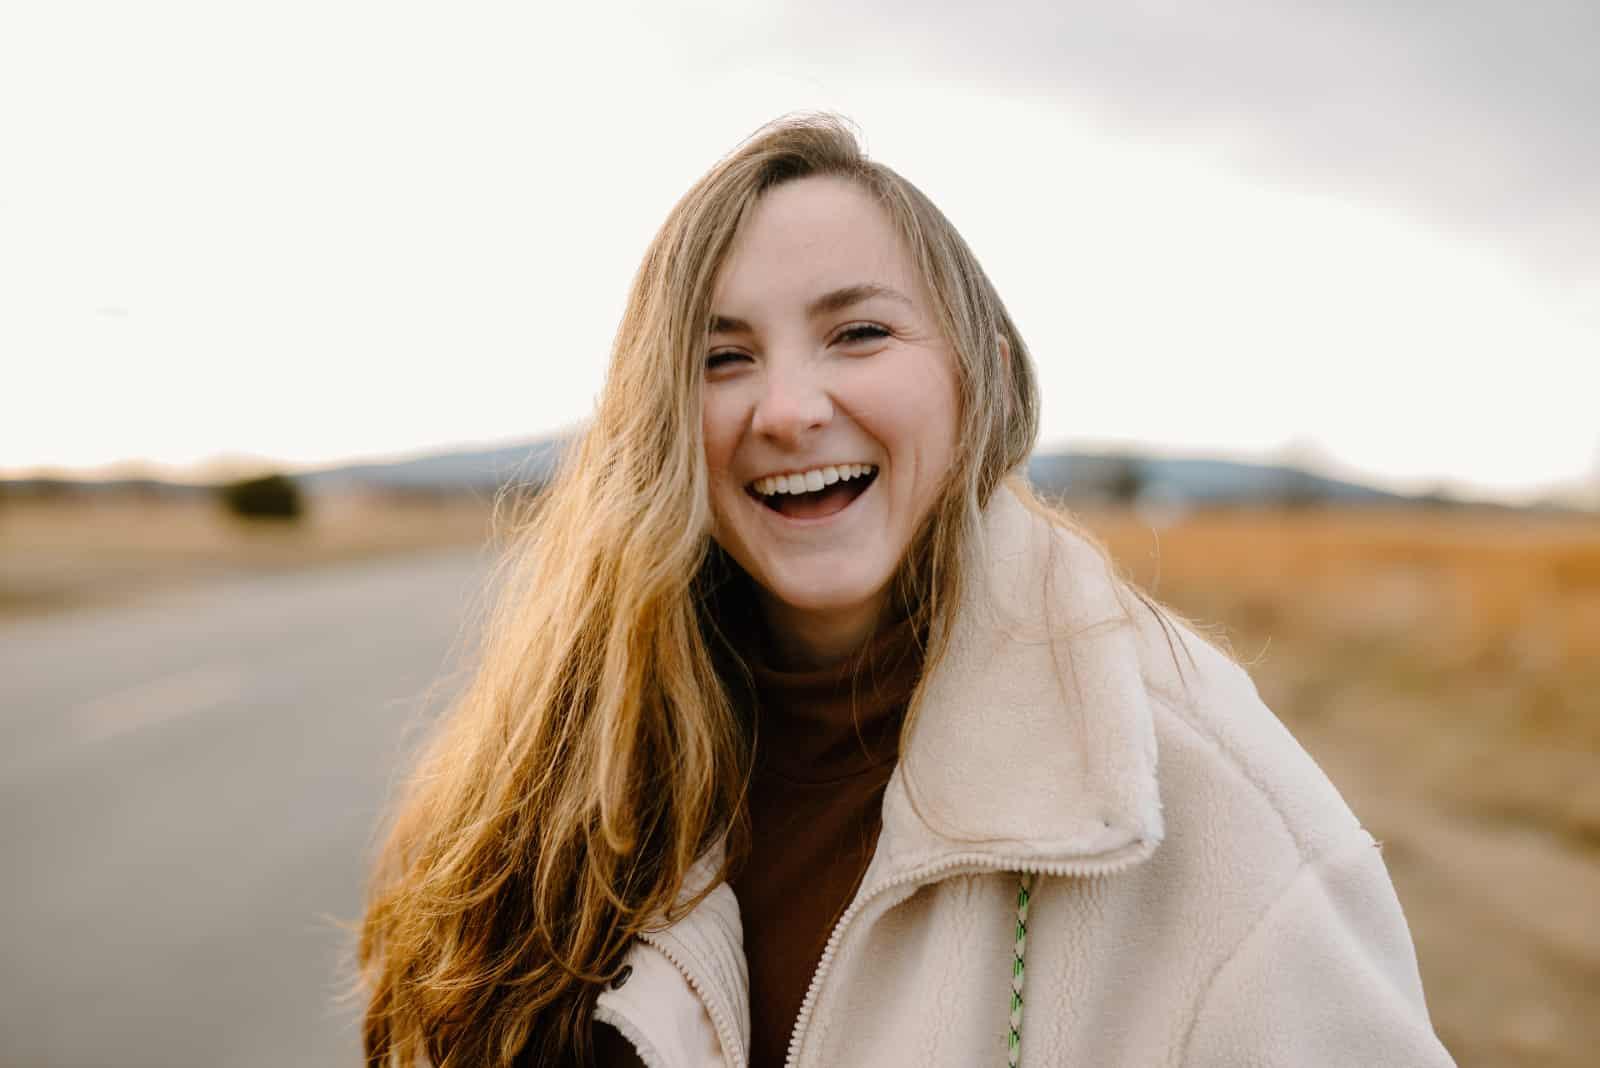 femme en veste blanche souriant en se tenant debout sur la route